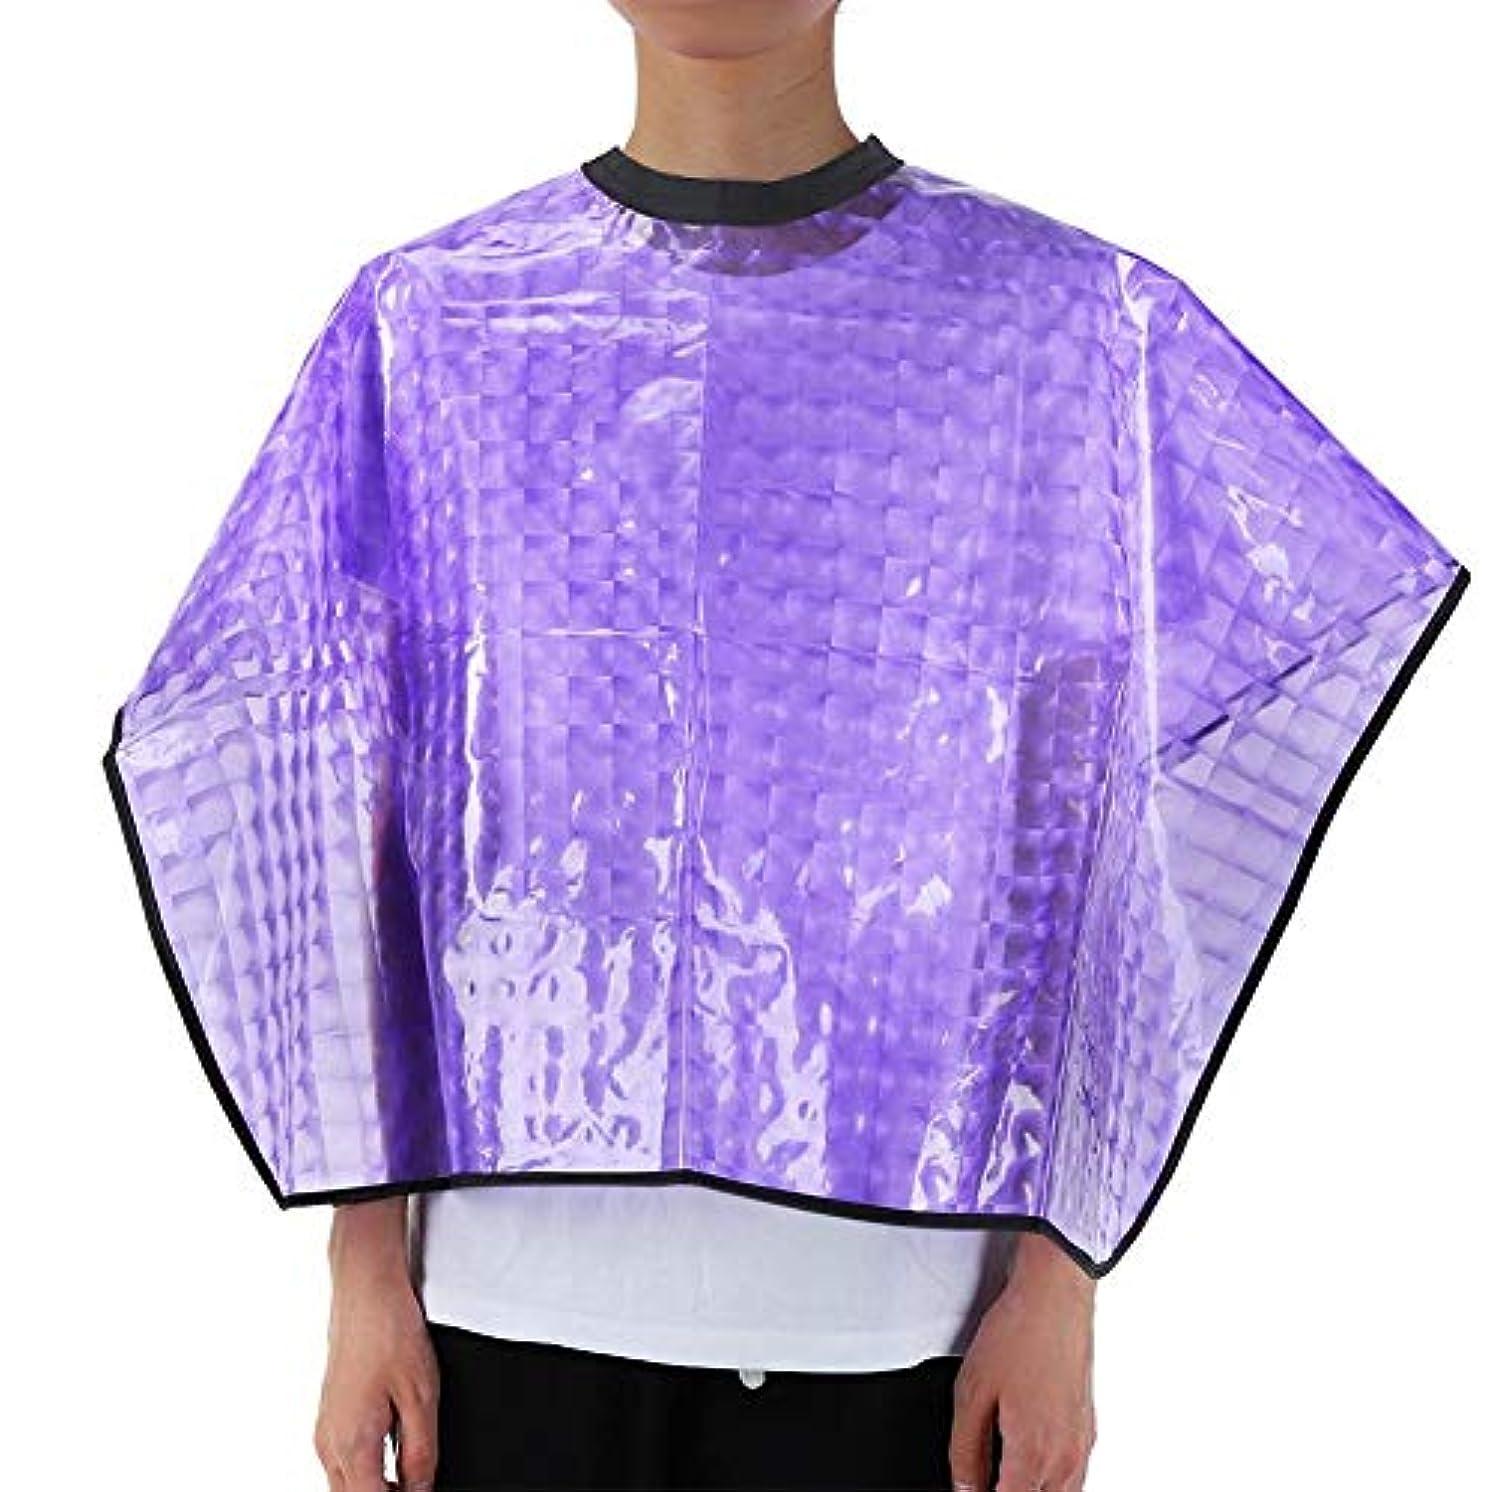 細部表面適度なプロのサロンケープ、80 x 76 cm理髪ショール理髪店ヘアサロン理髪ショールケープラップ(紫の)